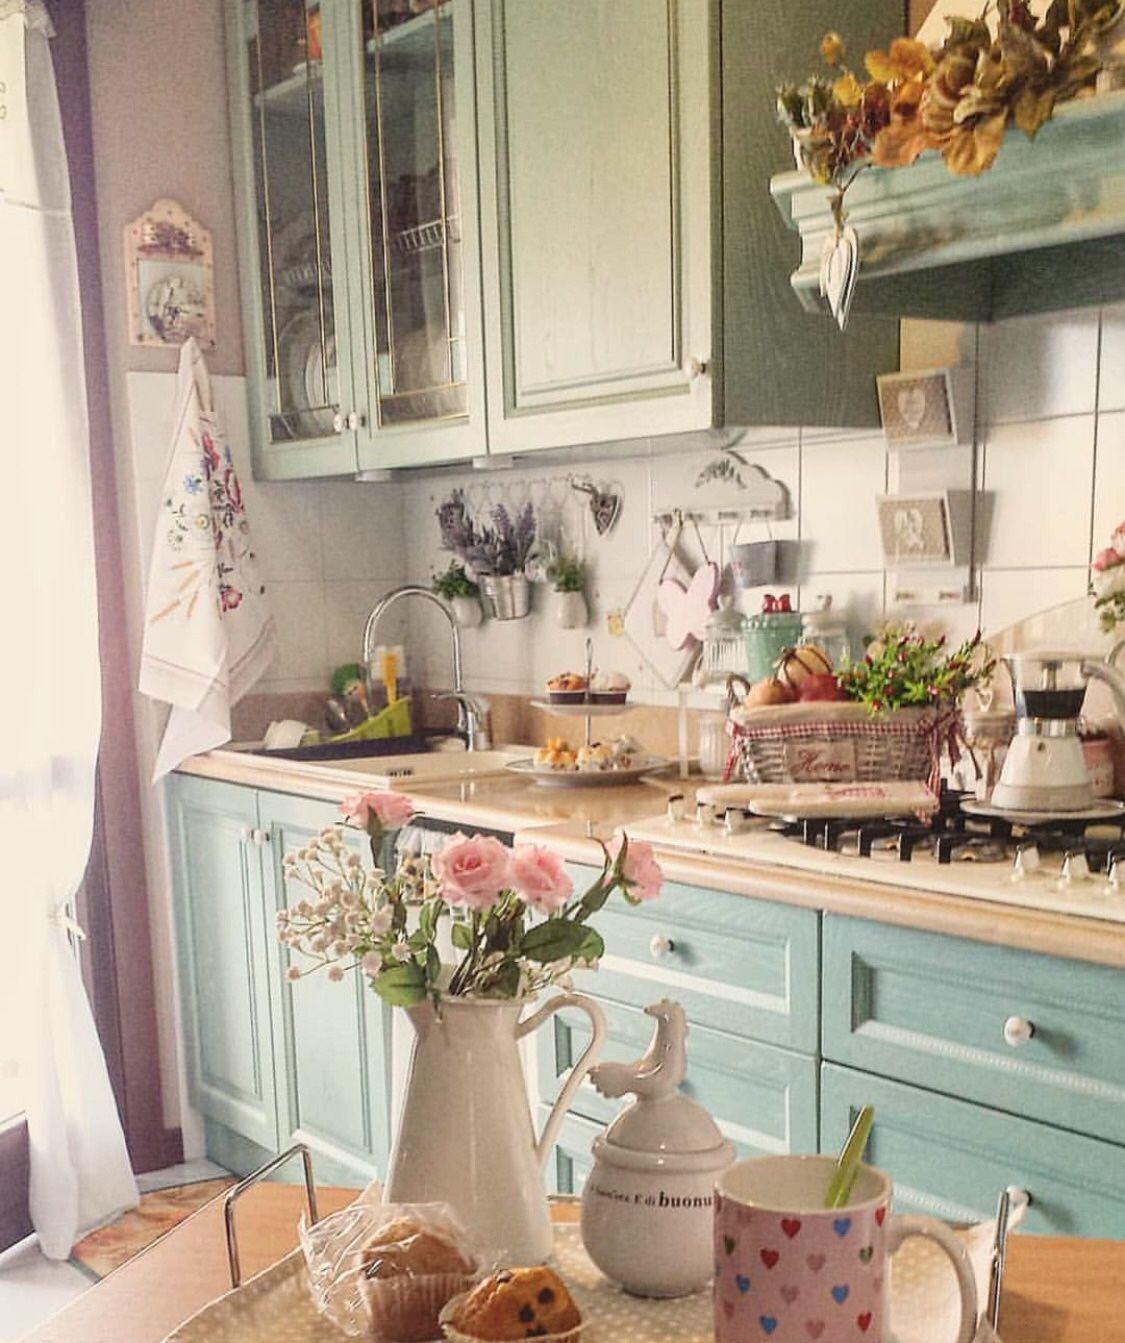 Shabby Chic Kuche Von Bettina Semrau Auf Kitchen Kuchen Inspiration Kuche